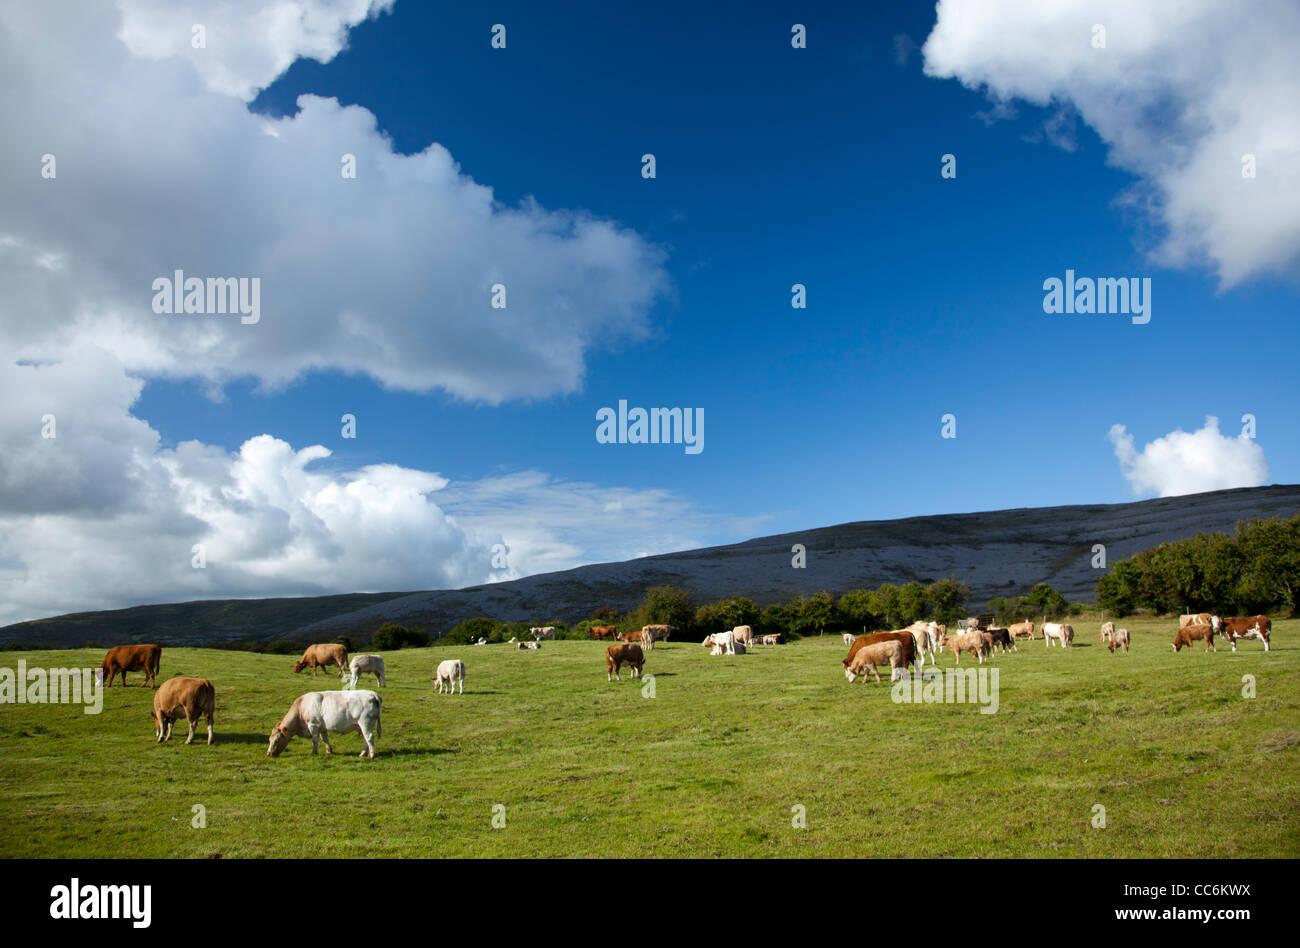 Il pascolo di bestiame in un campo, Burren, County Clare, Irlanda. Immagini Stock